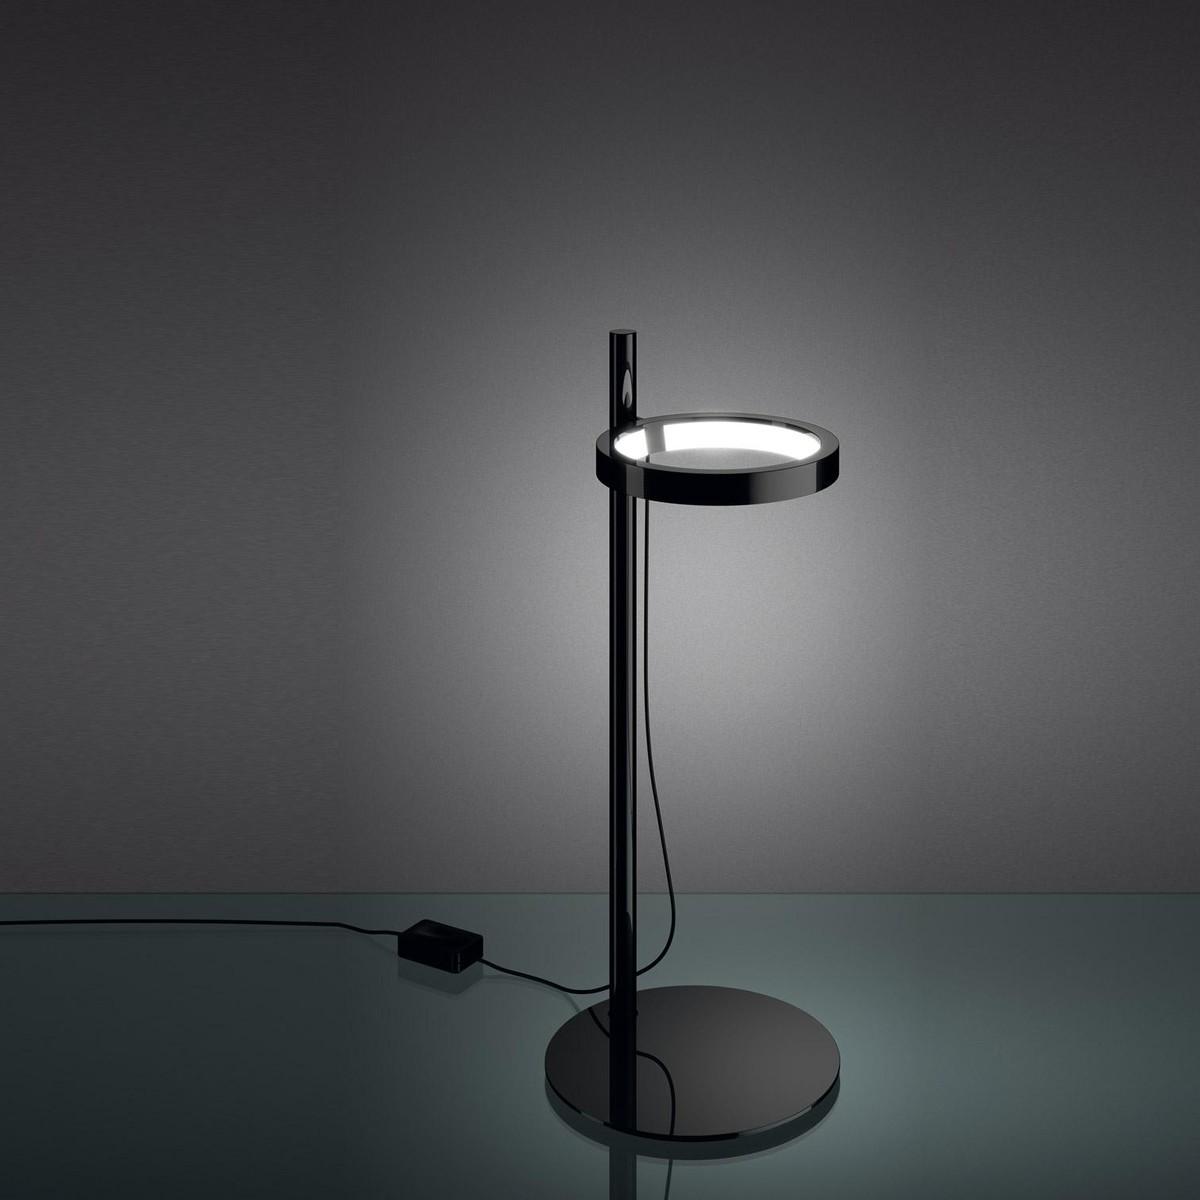 ipparco led schreibtischleuchte artemide. Black Bedroom Furniture Sets. Home Design Ideas